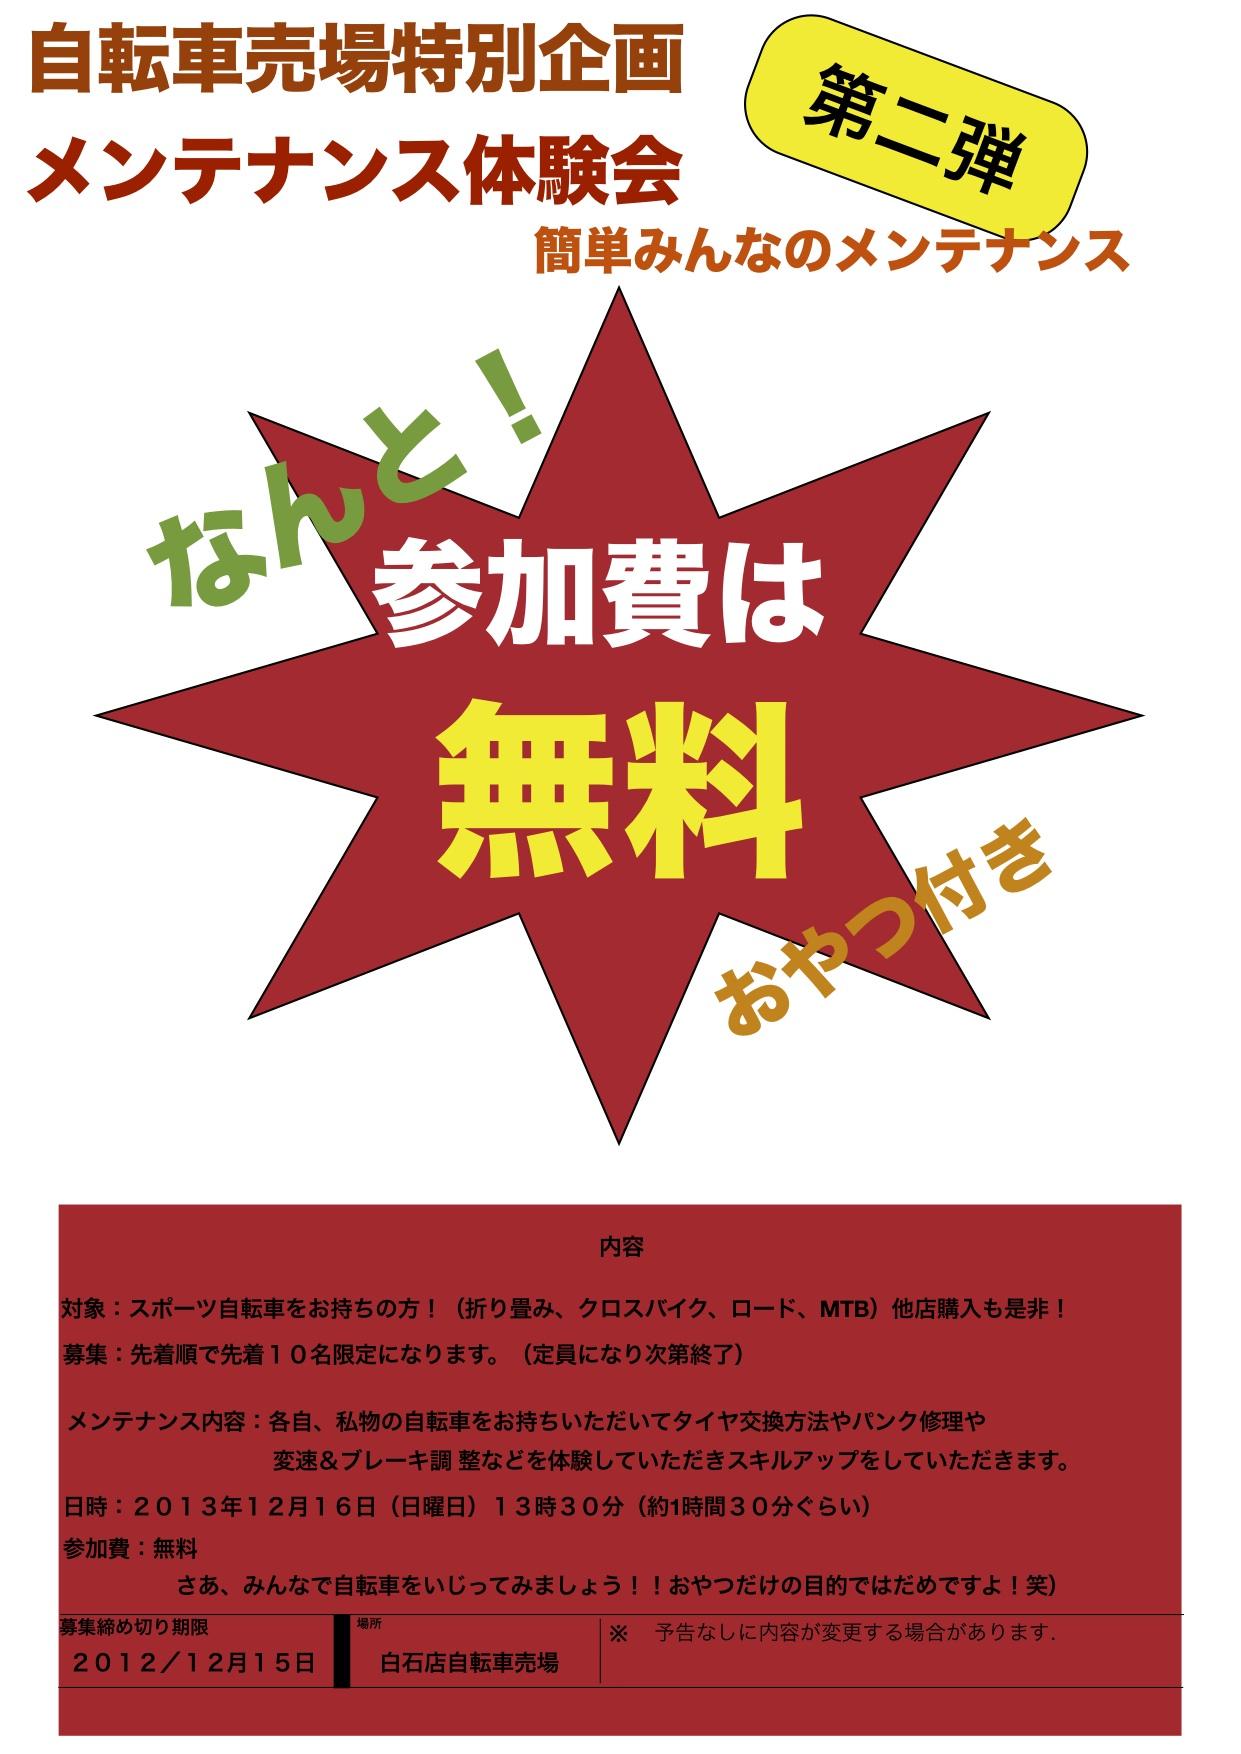 メンテナンス講習会_d0197762_928123.jpg